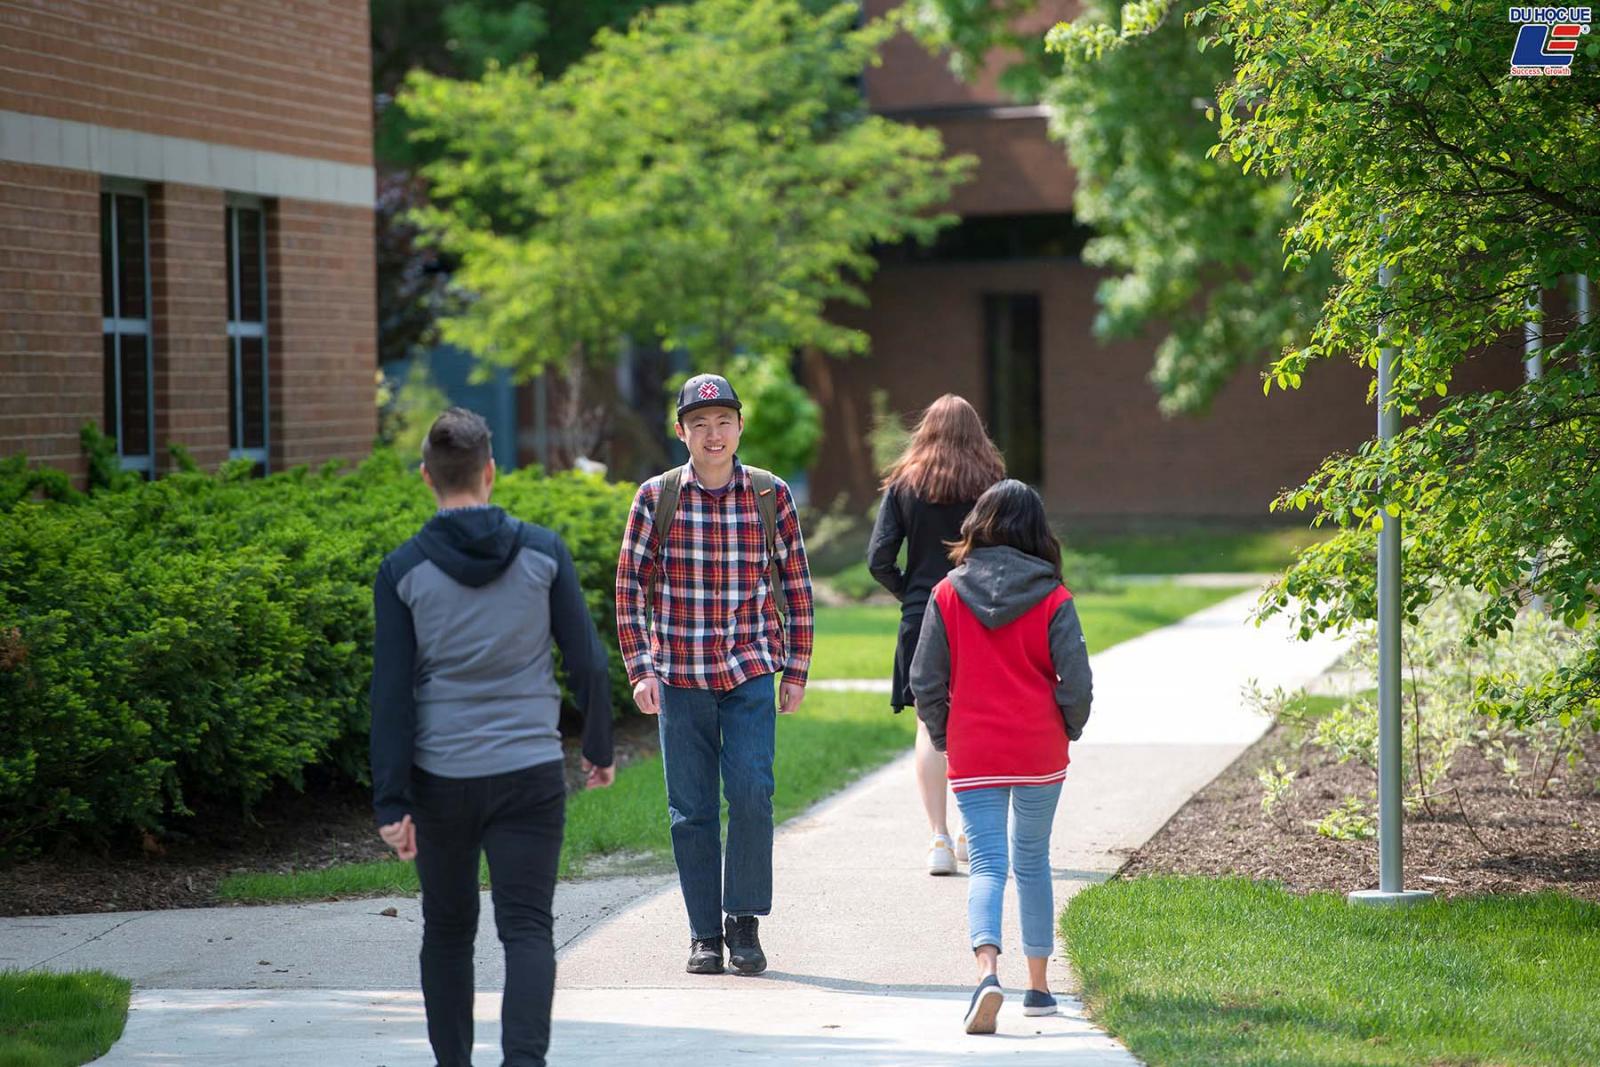 Cùng DU HỌC UE săn ngay các suất học bổng đầu vào hấp dẫn tại Fanshawe College - Trường cao đẳng cộng đồng xuất sắc tại Canada 4